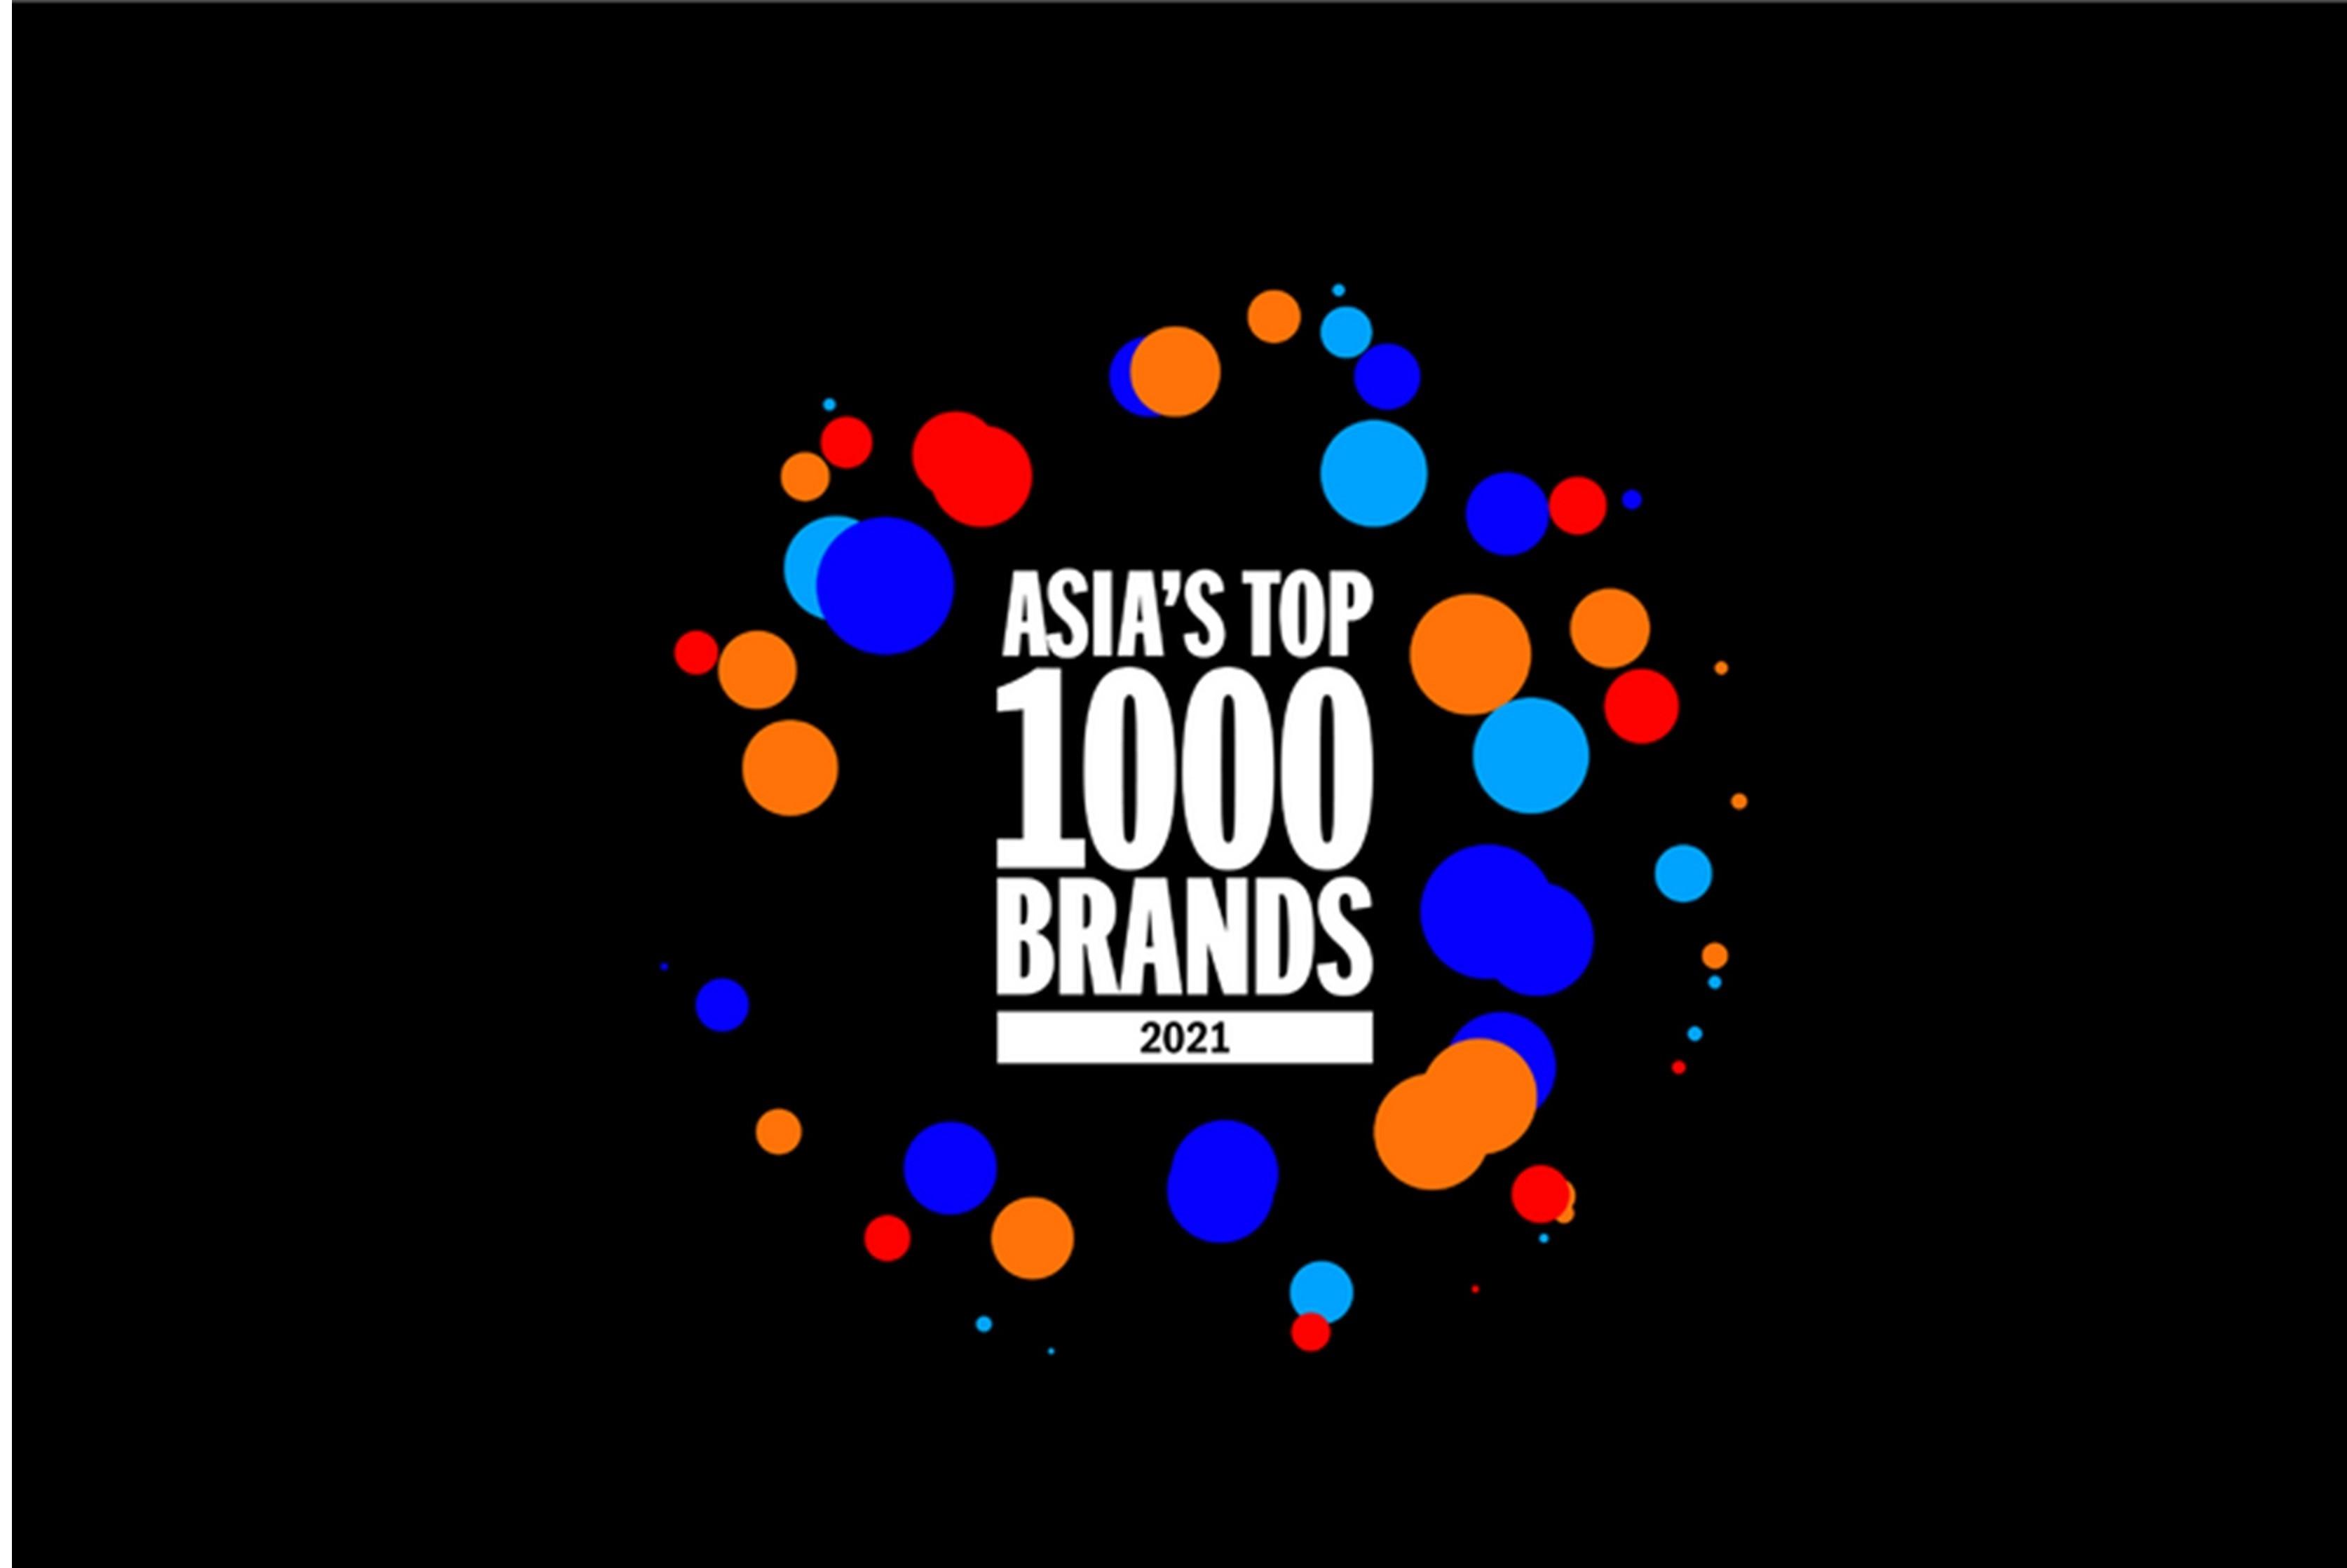 Samsung ครองตำแหน่ง แบรนด์ที่ดีที่สุดในเอเชีย ติดต่อกันเป็นปีที่ 10